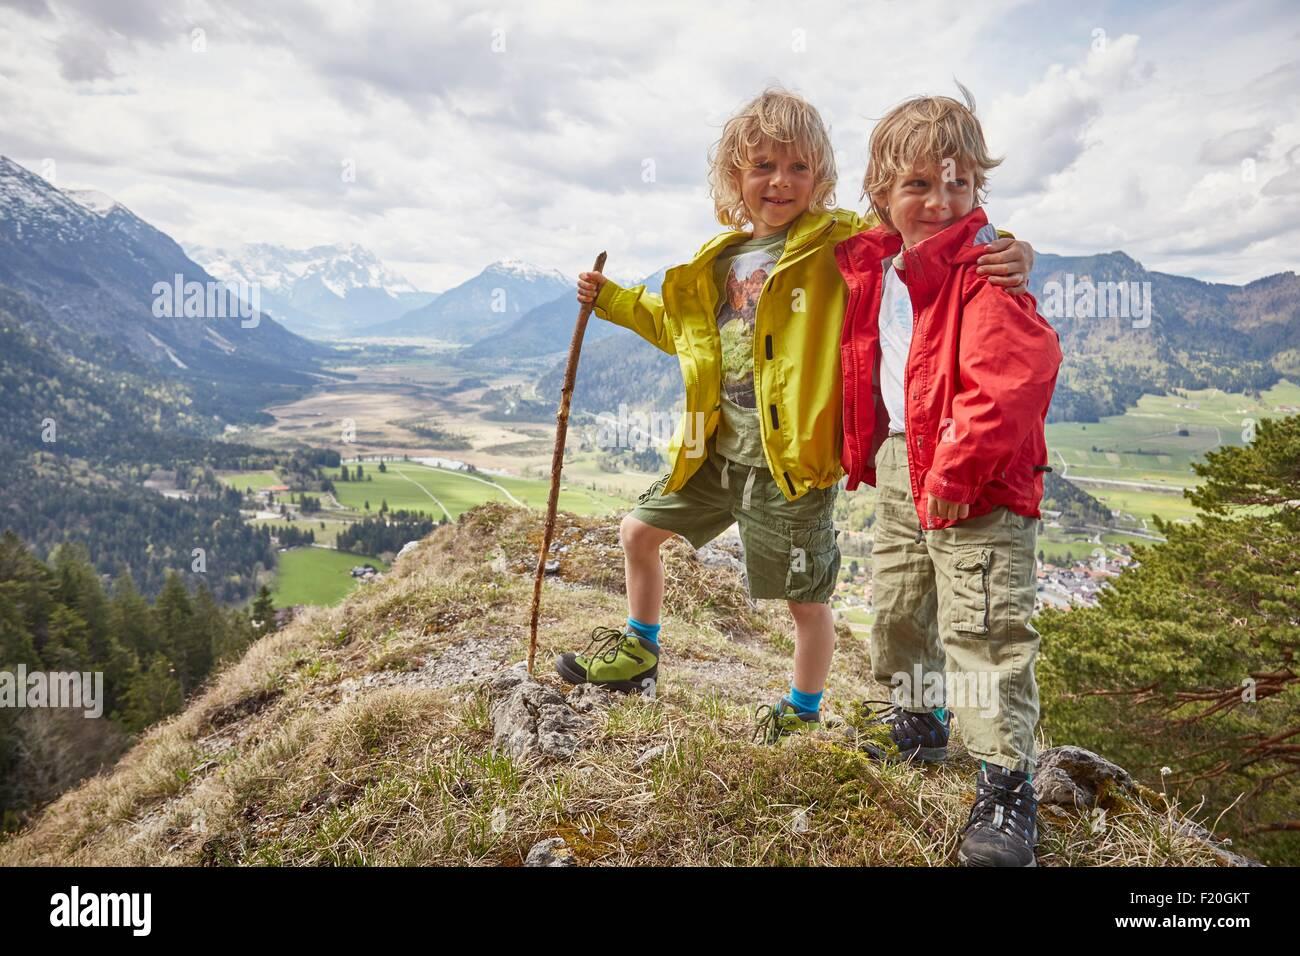 Porträt von zwei jungen, stehend auf Hügel, Garmisch-Partenkirchen, Bayern, Deutschland Stockbild